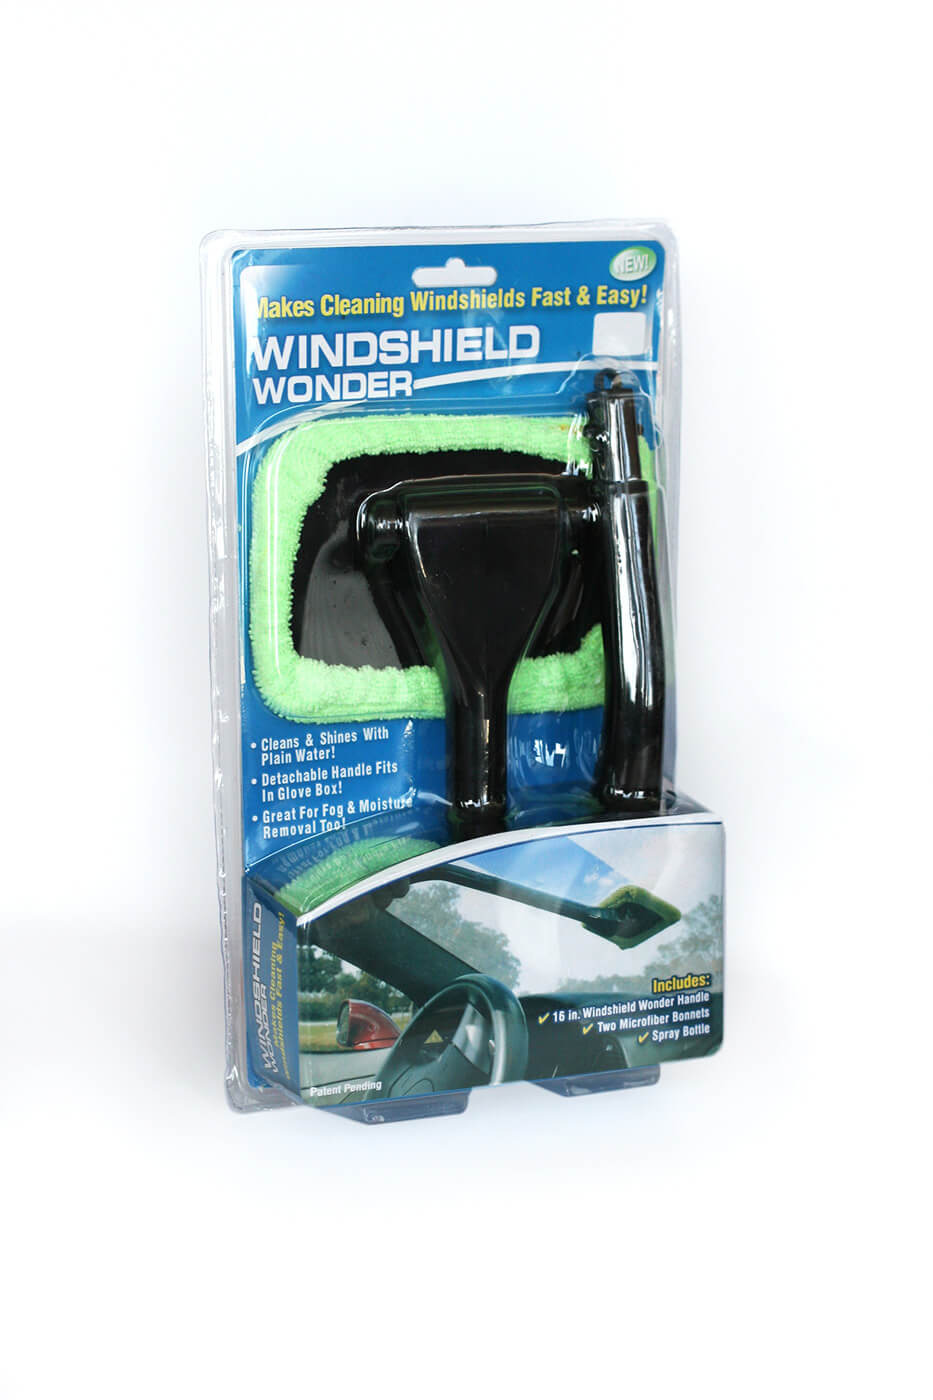 Windshield Wonder Stierka na čistenie skiel s rúčkou, sprejovou fľašou a 2 utierkami z mikrovlákna - zelená